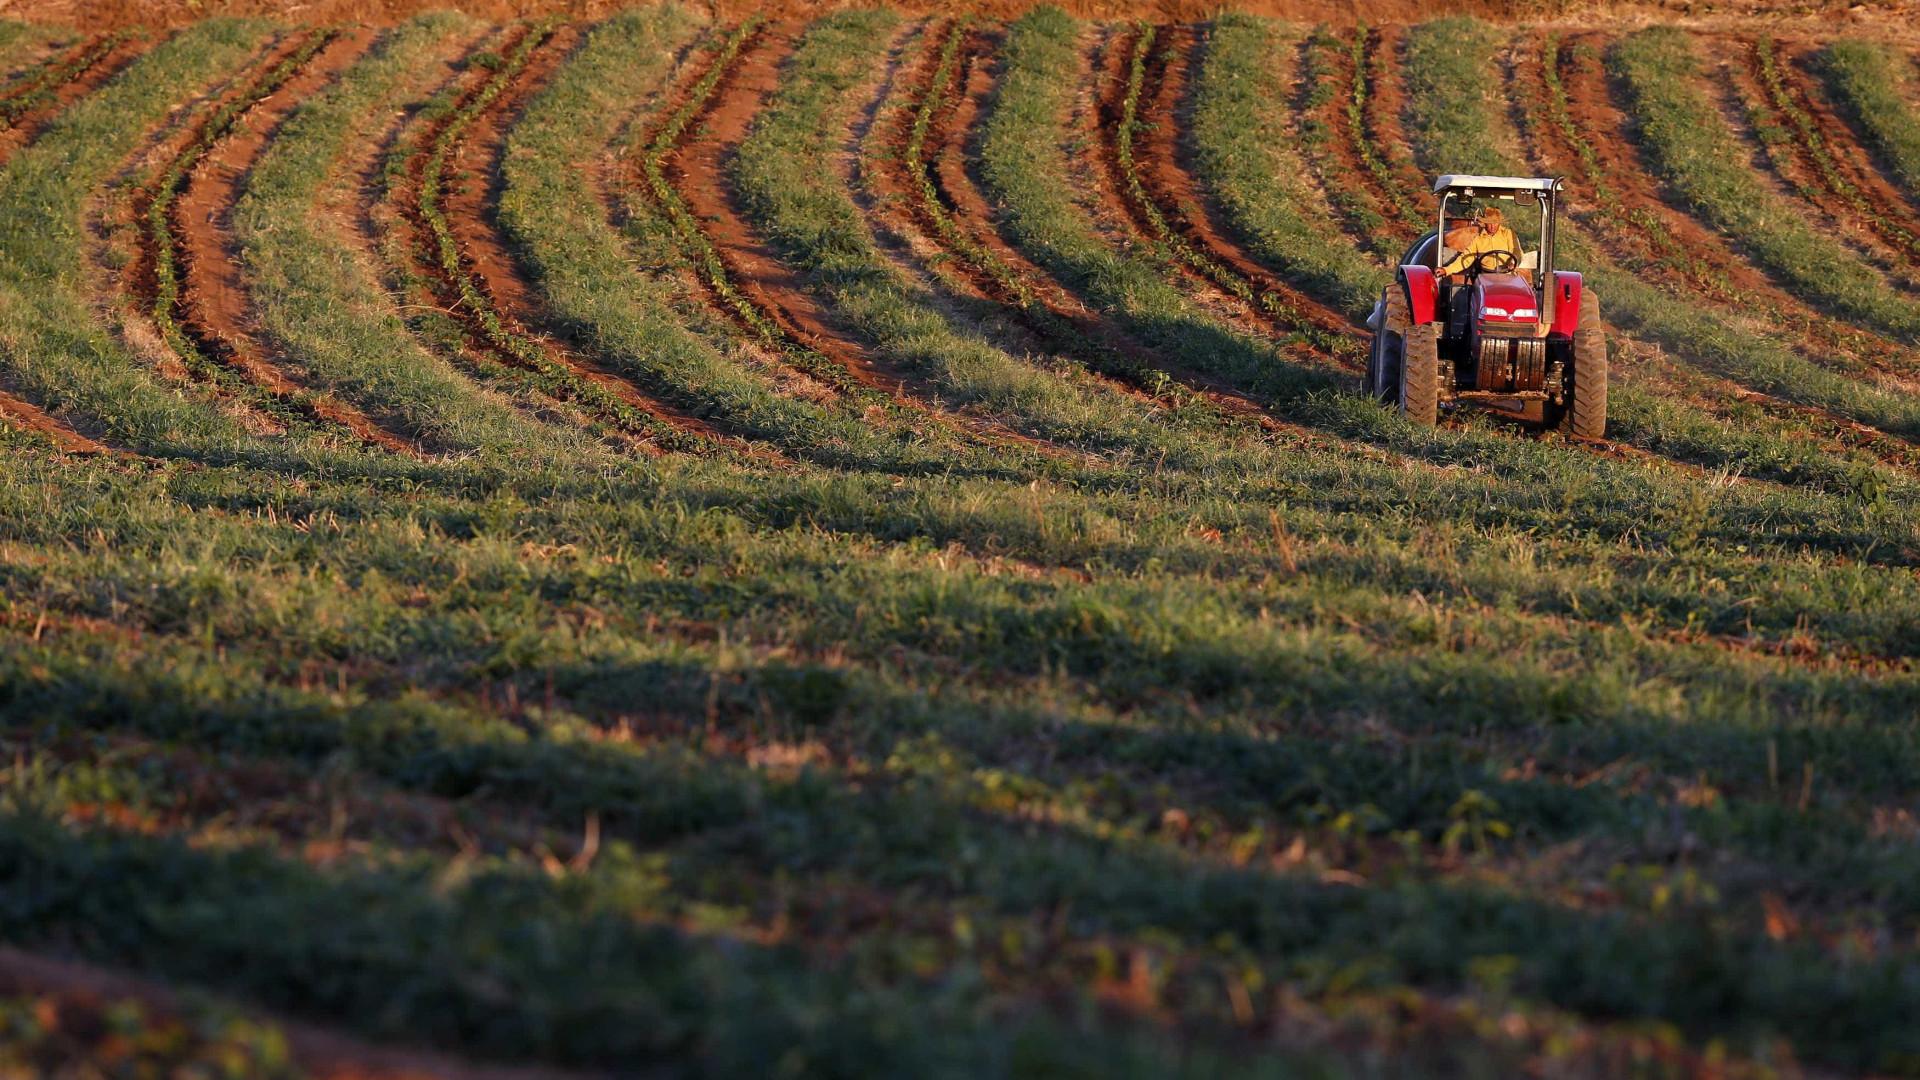 Criada petição para promover a agricultura junto dos jovens